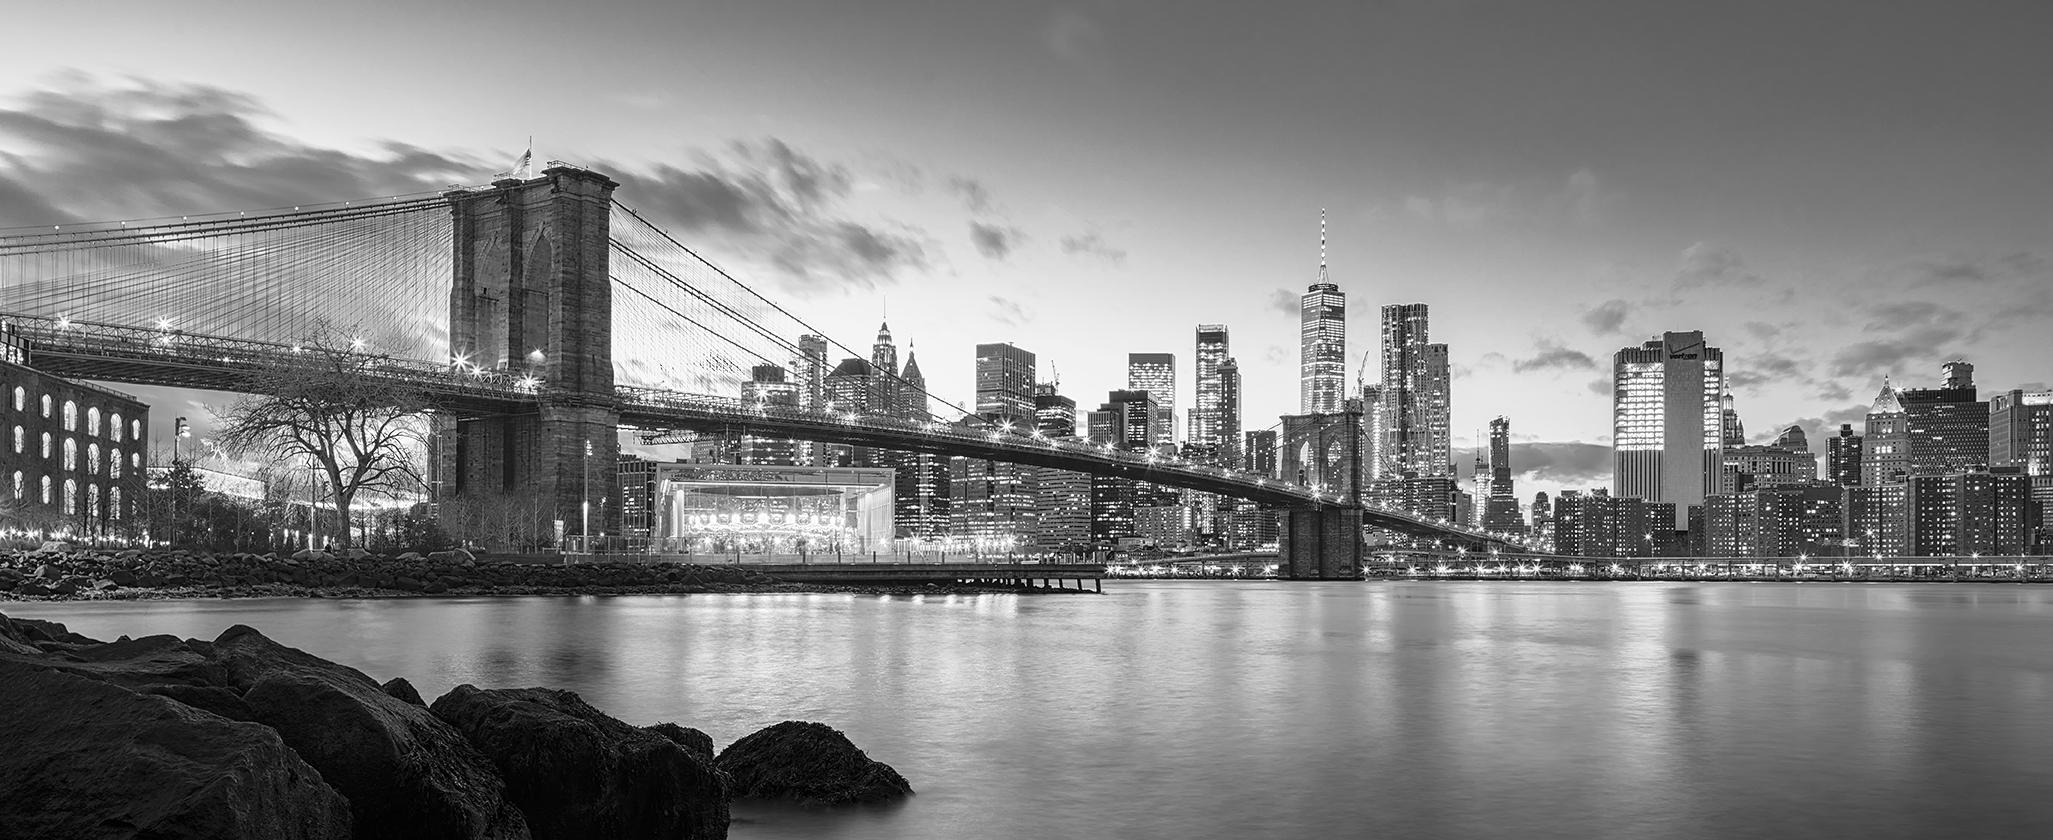 BrooklynBridge_New_bw.jpg